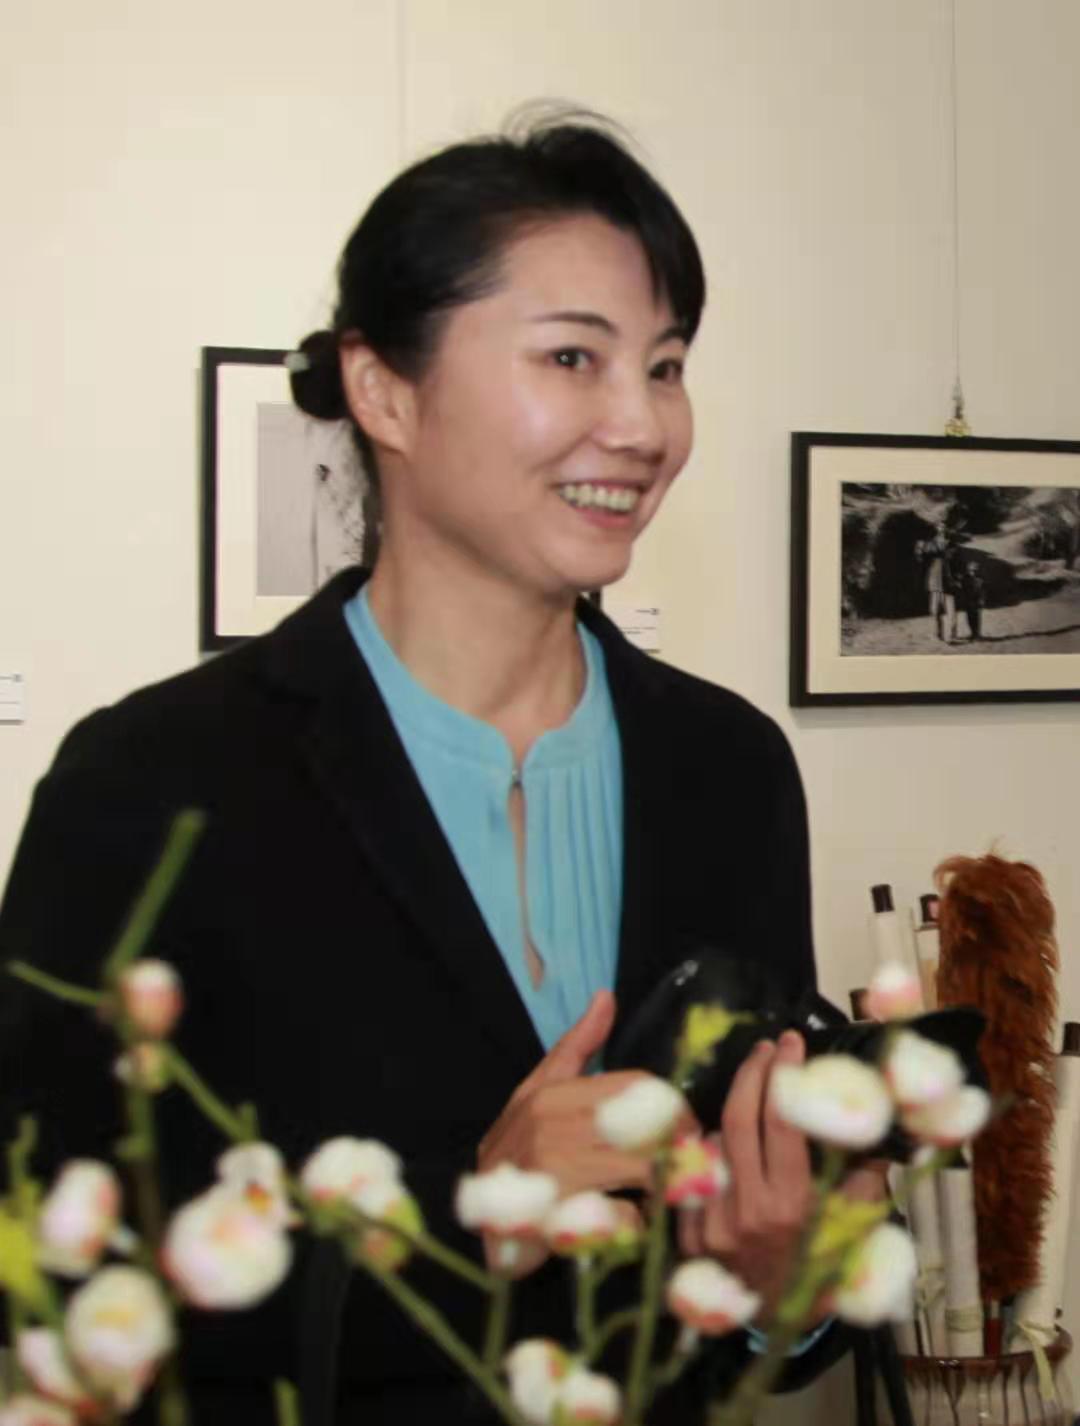 法制日报摄影部主任、中国摄影家协会副主席居杨